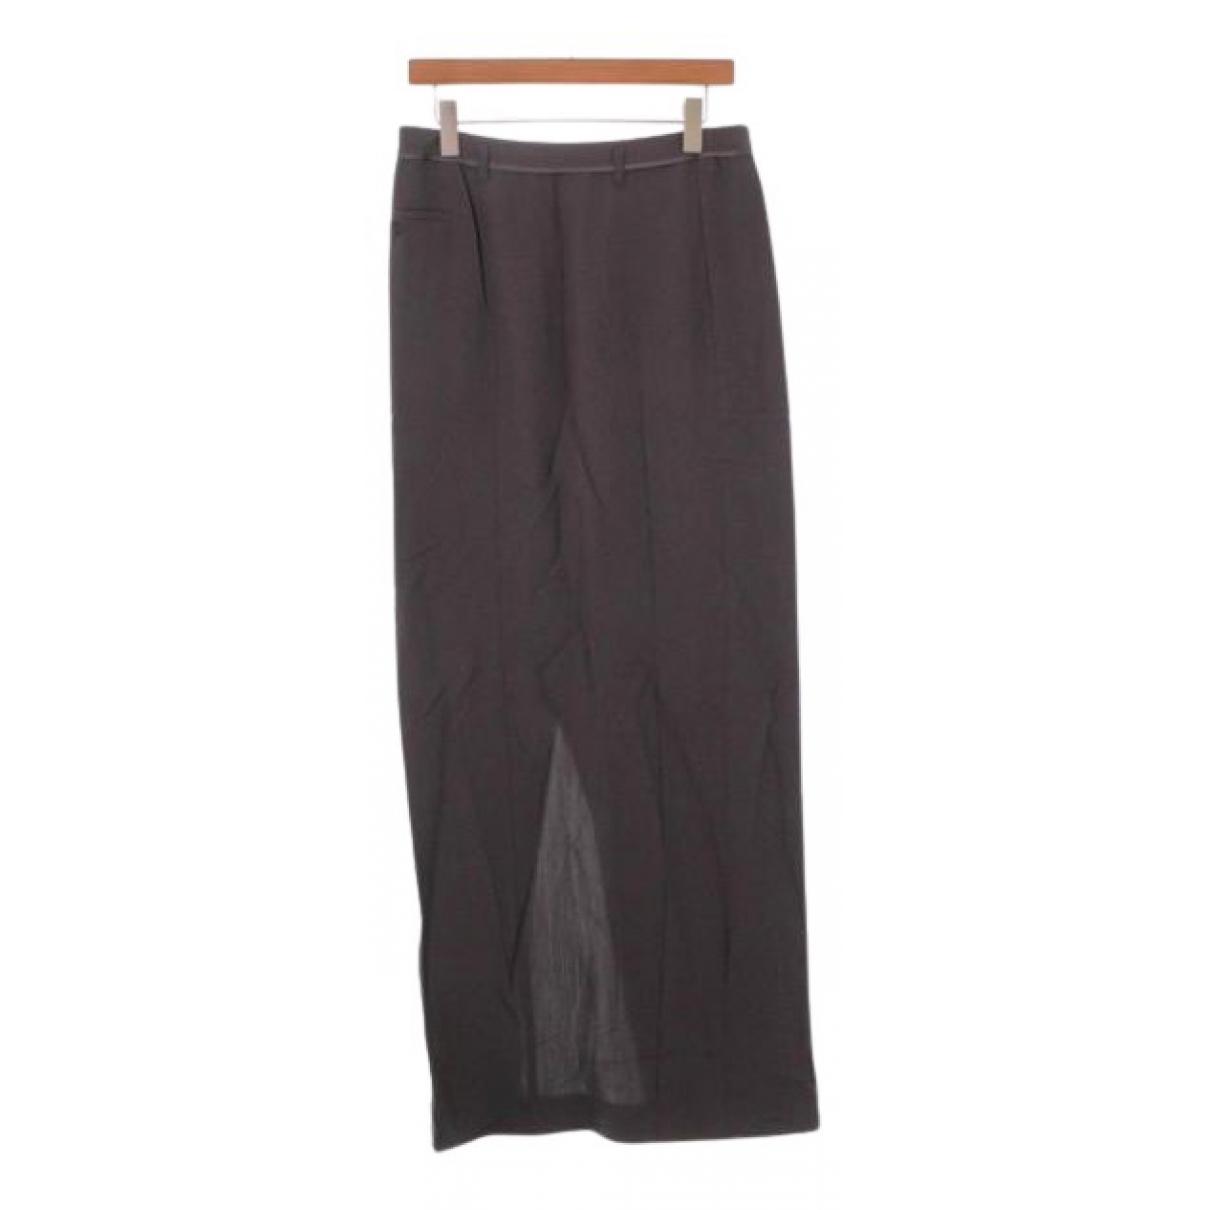 Maison Martin Margiela N Grey Wool skirt for Women 40 FR